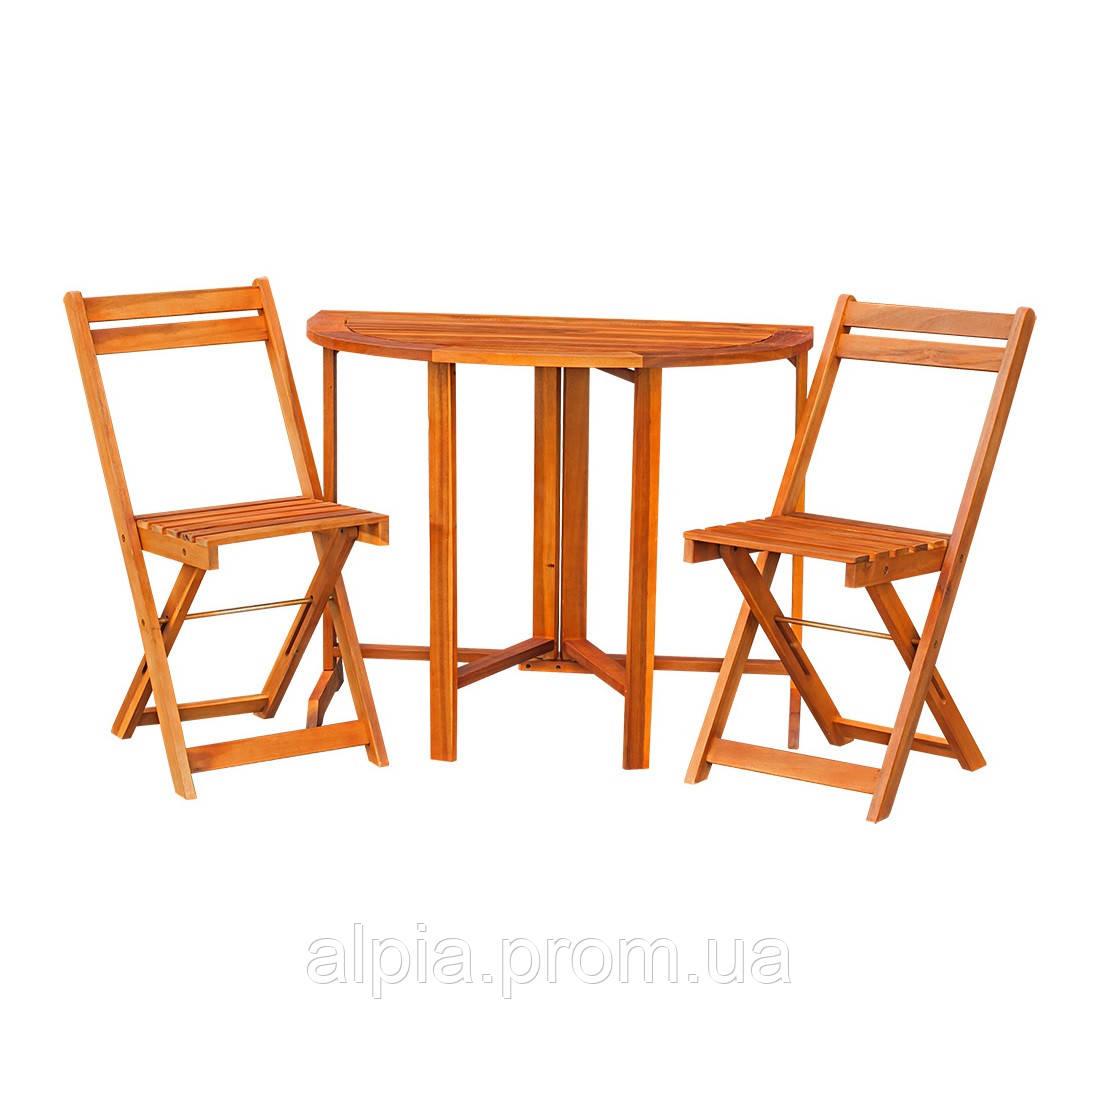 Набор мебели балконный sungarden.